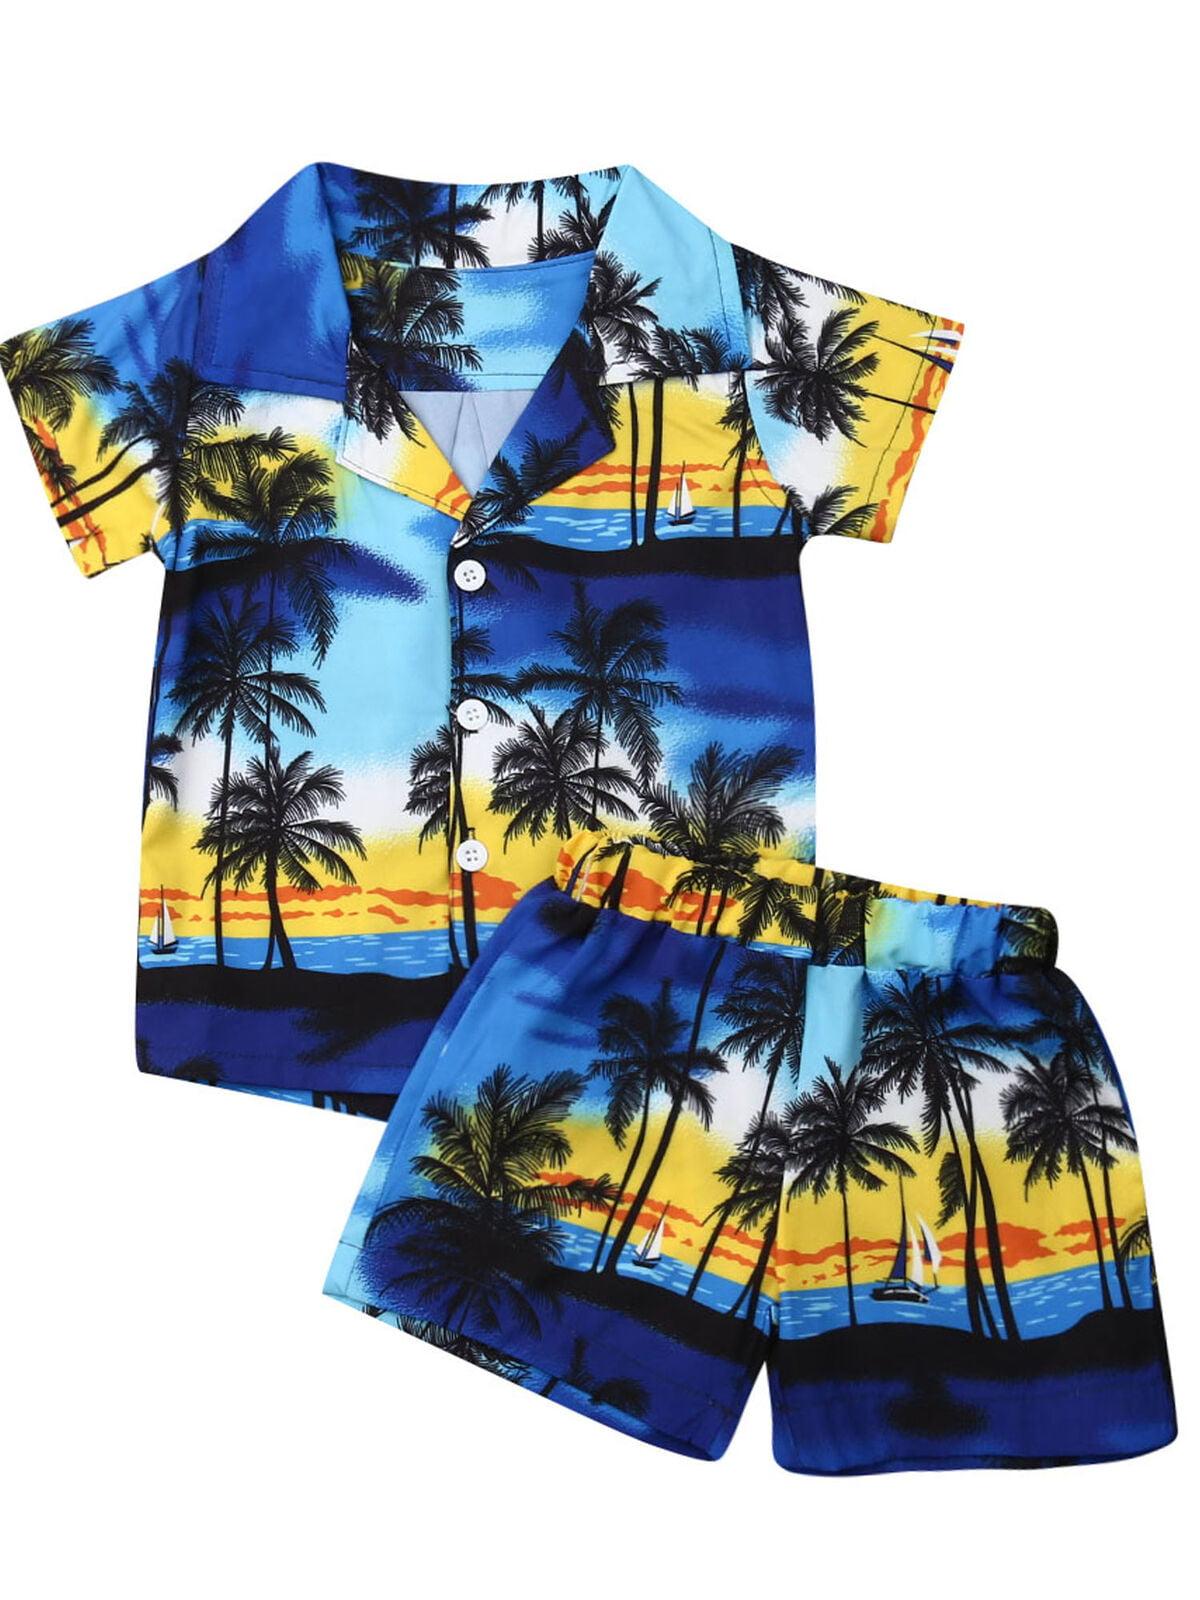 Toddler Kid Baby Boy Clothes Outfit Set Hawaiian Beach Shirt Tops Shorts Pants